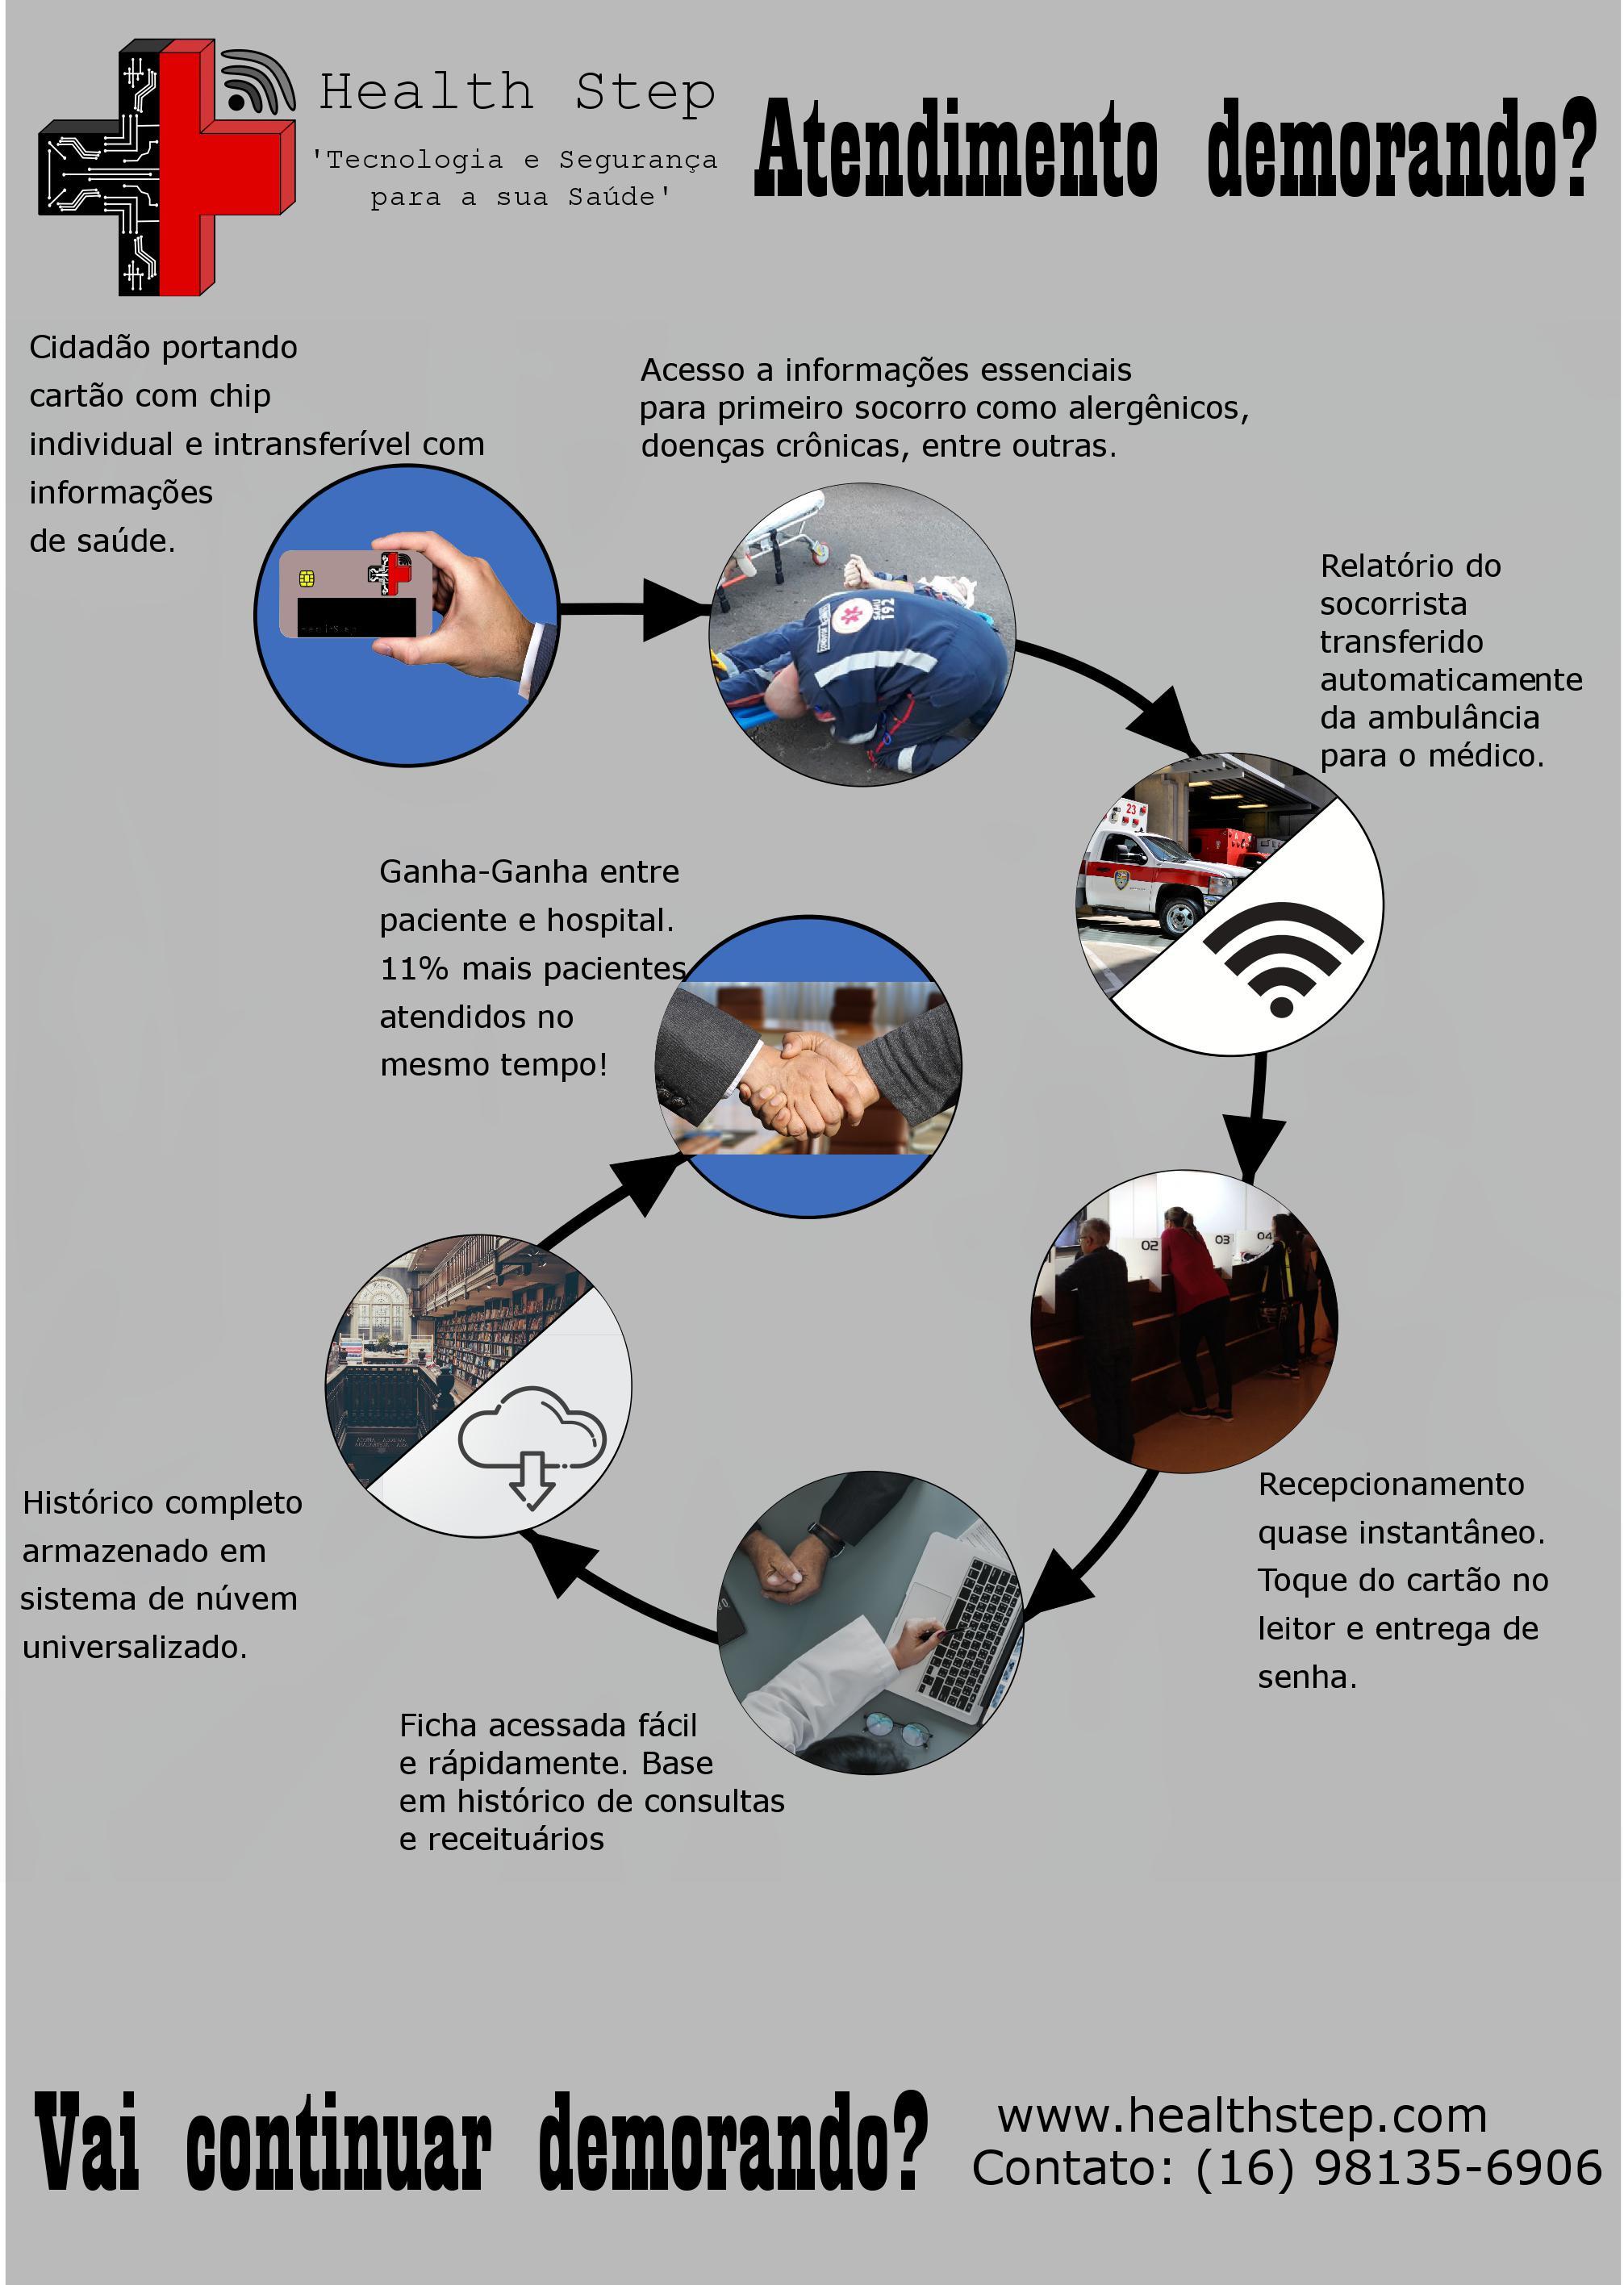 Picture of Health Step - Tecnologia E Segurança Para a Sua Saúde